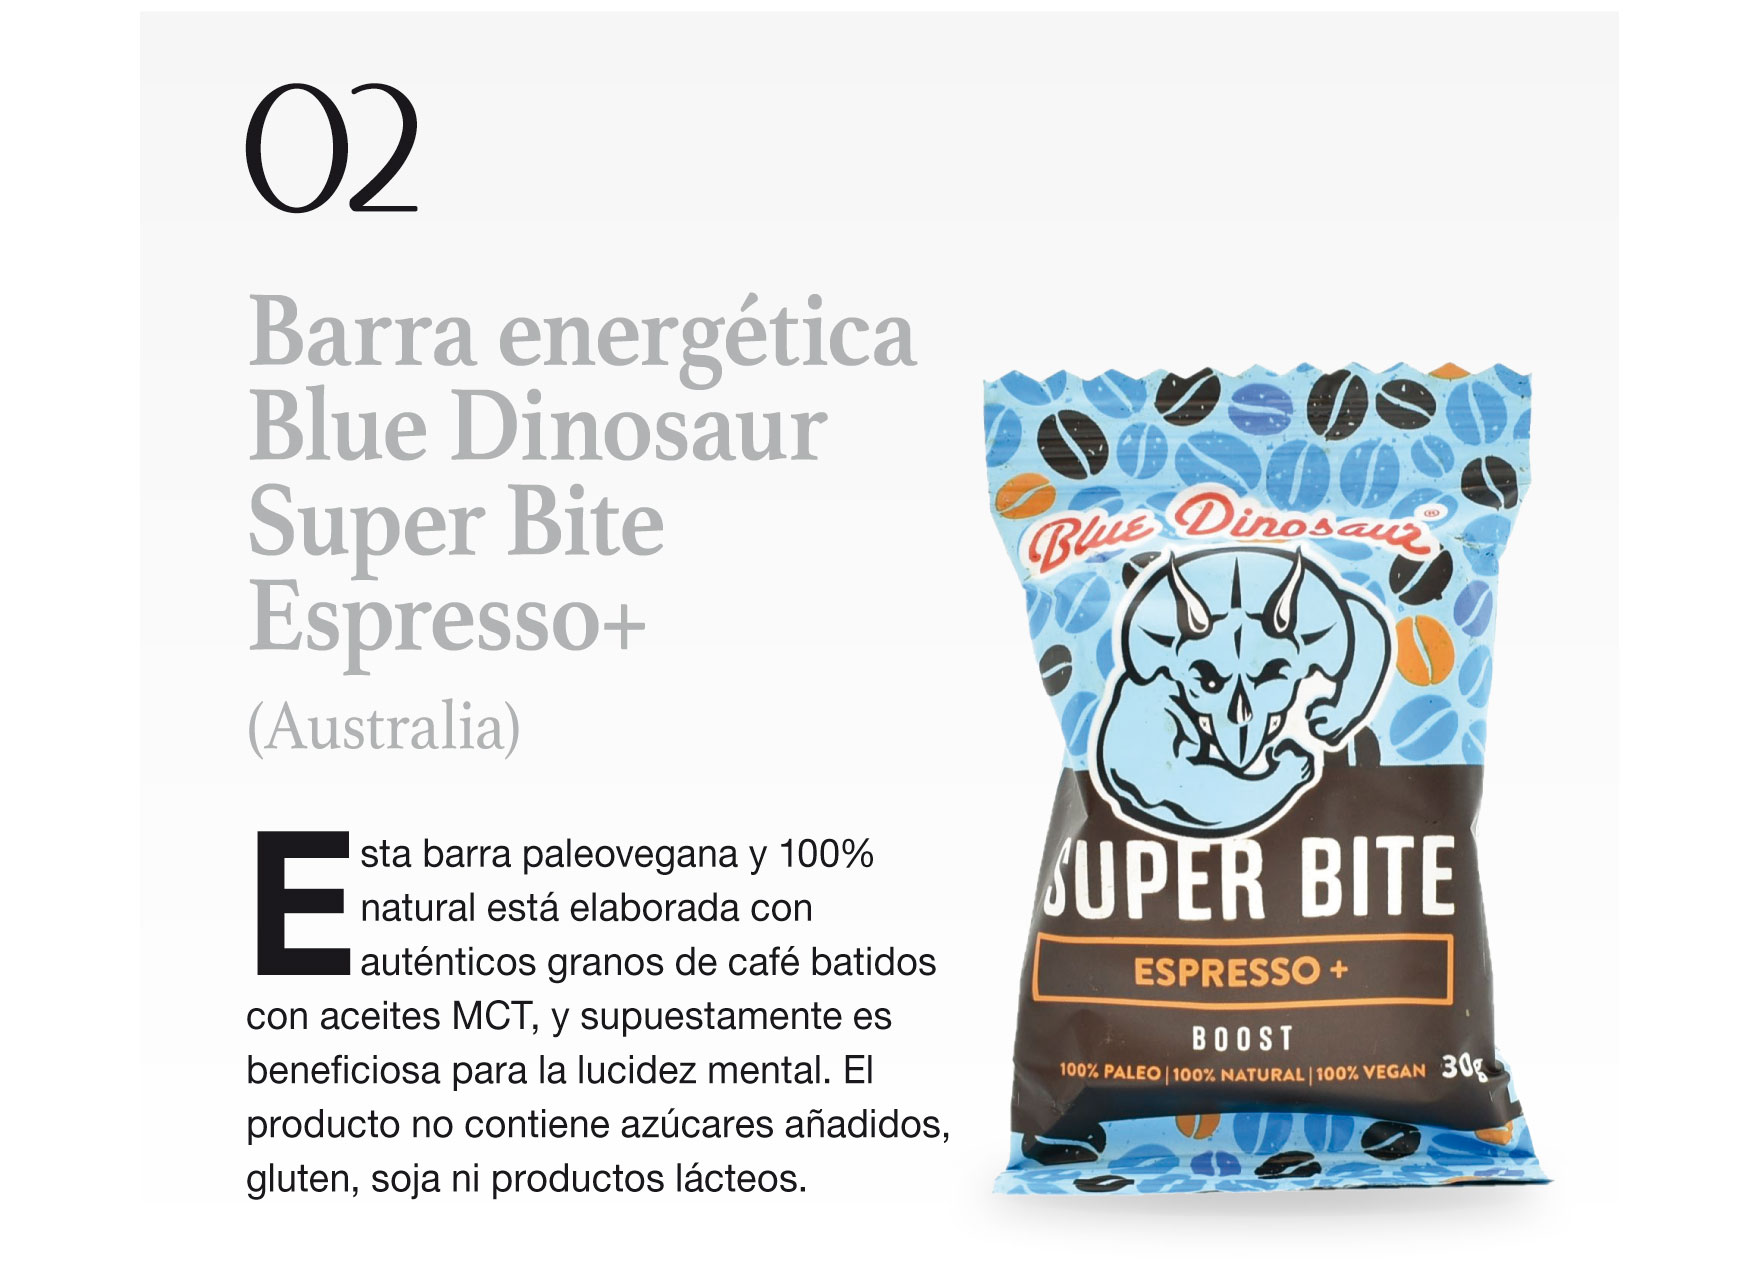 Barra energética Blue Dinosaur Super Bite Espresso+ (Australia)